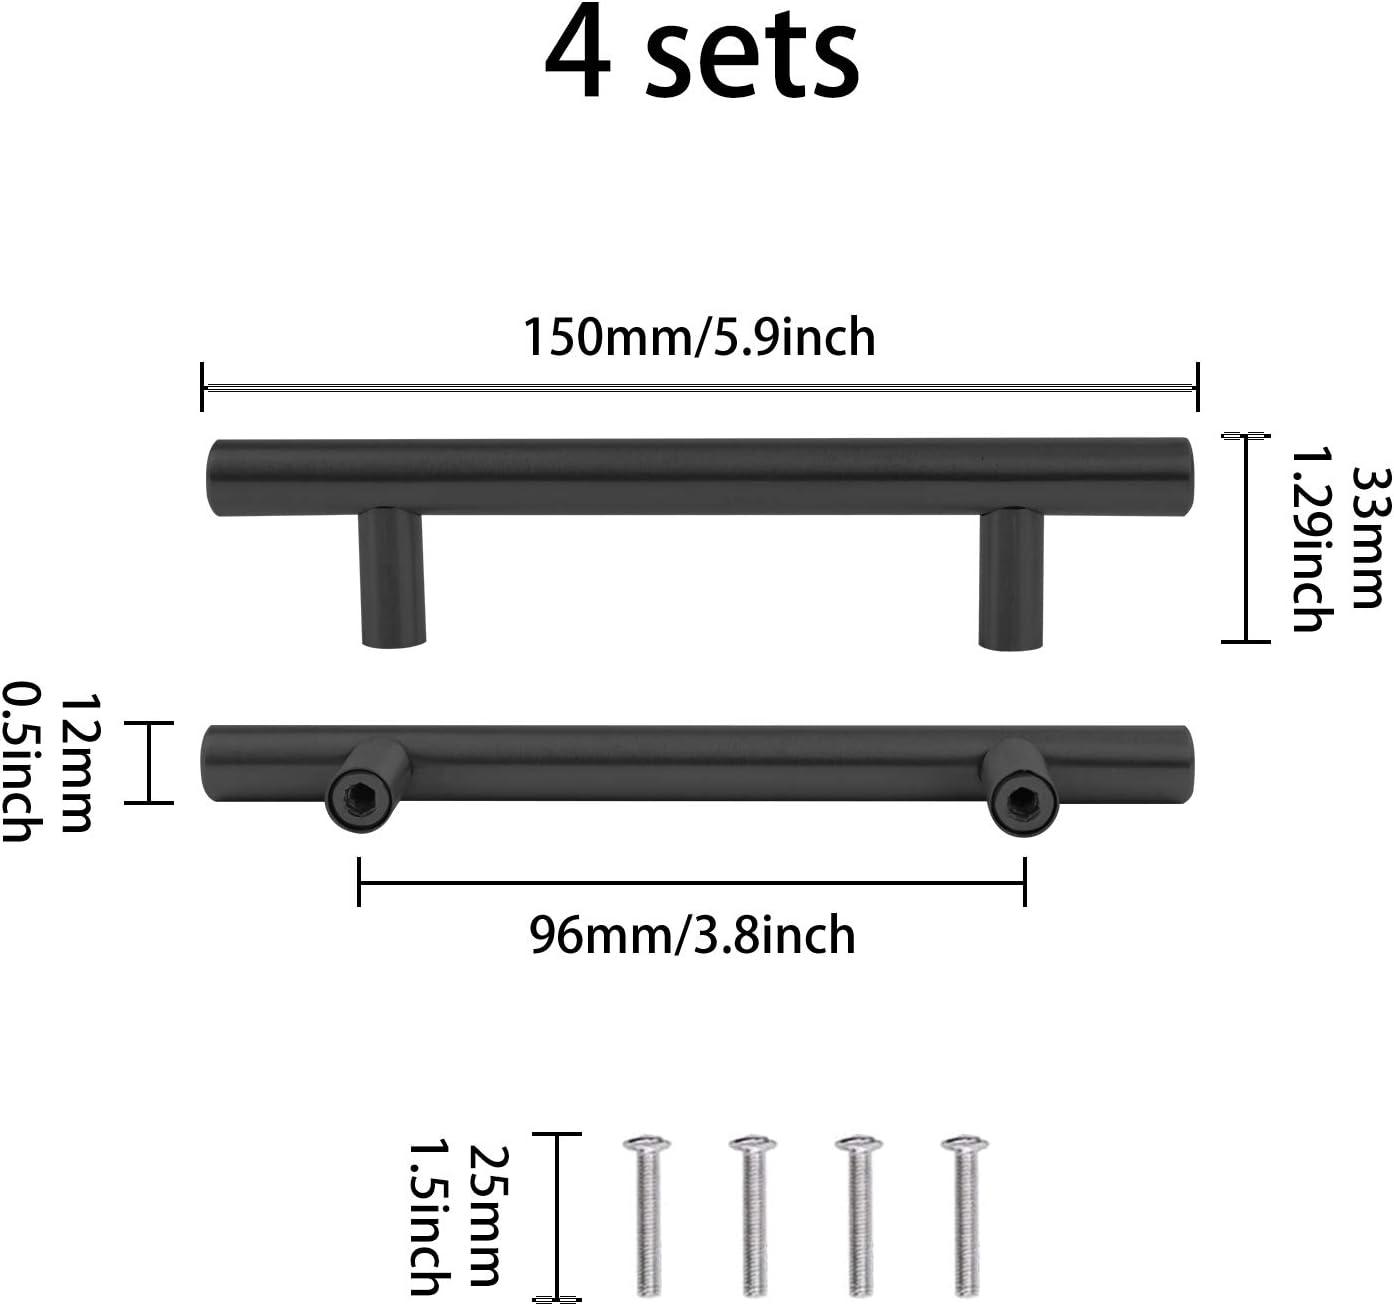 largeur 3,3cm porte de placard avec vis Lot de 8 poign/ées noires en r/ésine avec poign/ées en forme de plateau en acier inoxydable pour plateau de service en silicone tiroir de cuisine longueur 15cm